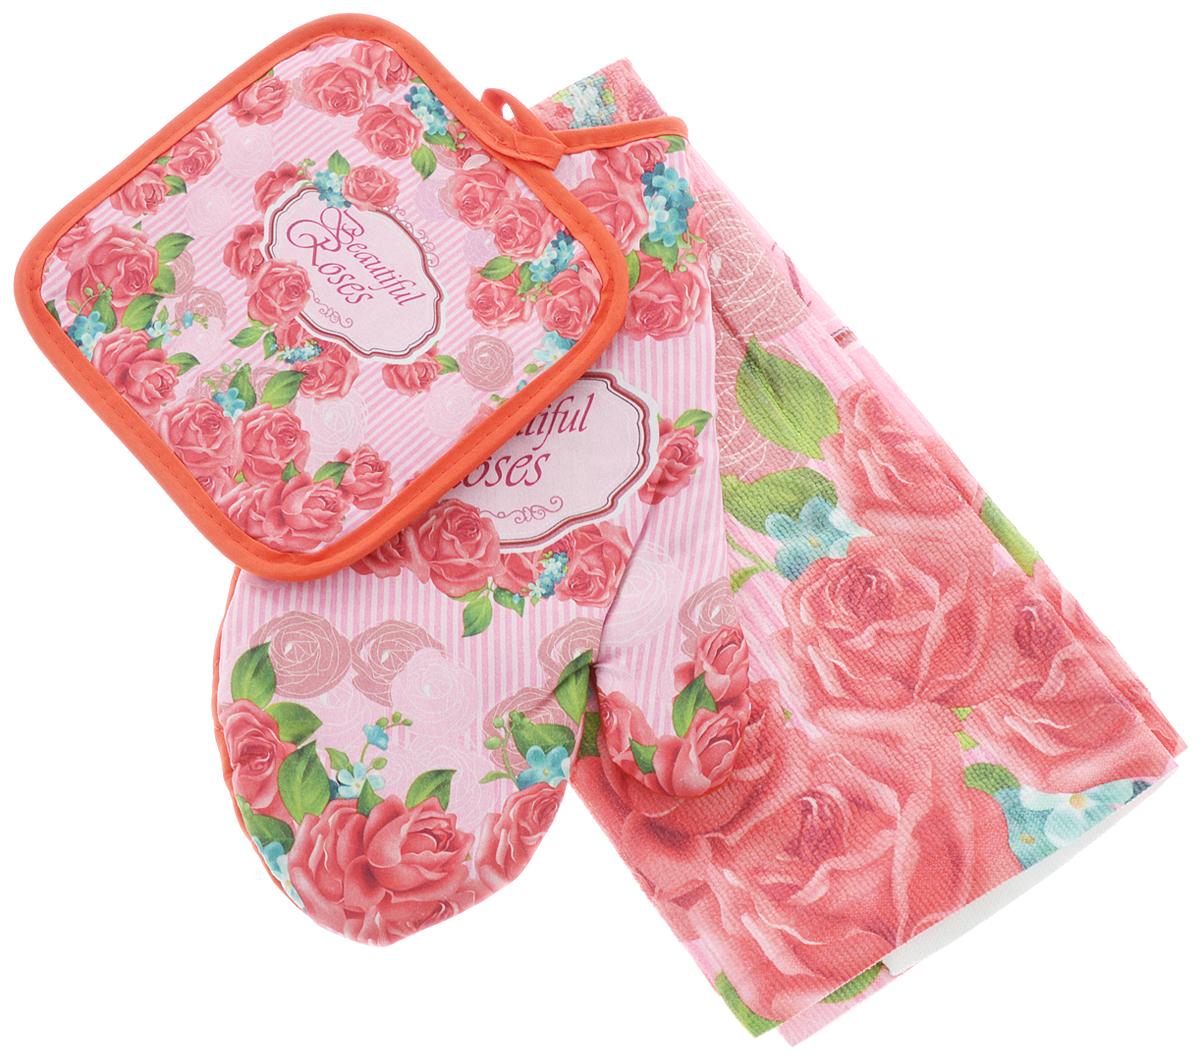 Комплект для кухни Soavita Роза, 3 предмета3152216630Кухонный комплект Soavita Роза состоит из полотенца, прихватки и прихватки-варежки. Прихватка и прихватка-варежка изготовлены из 100% полиэстера, полотенце изготовлено из 80% полиэстера и 20% полиамида. Все изделия украшены ярким рисунком цветов.Комплект идеально дополнит интерьер вашей кухни исоздаст атмосферу уюта и комфорта. Высочайшеекачество материала гарантирует безопасность не тольковзрослых, но и самых маленьких членов семьи.Размер полотенца: 38 х 63 см. Размер прихватки: 17 х 17 см. Размер прихватки-варежки: 17 х 27 см.